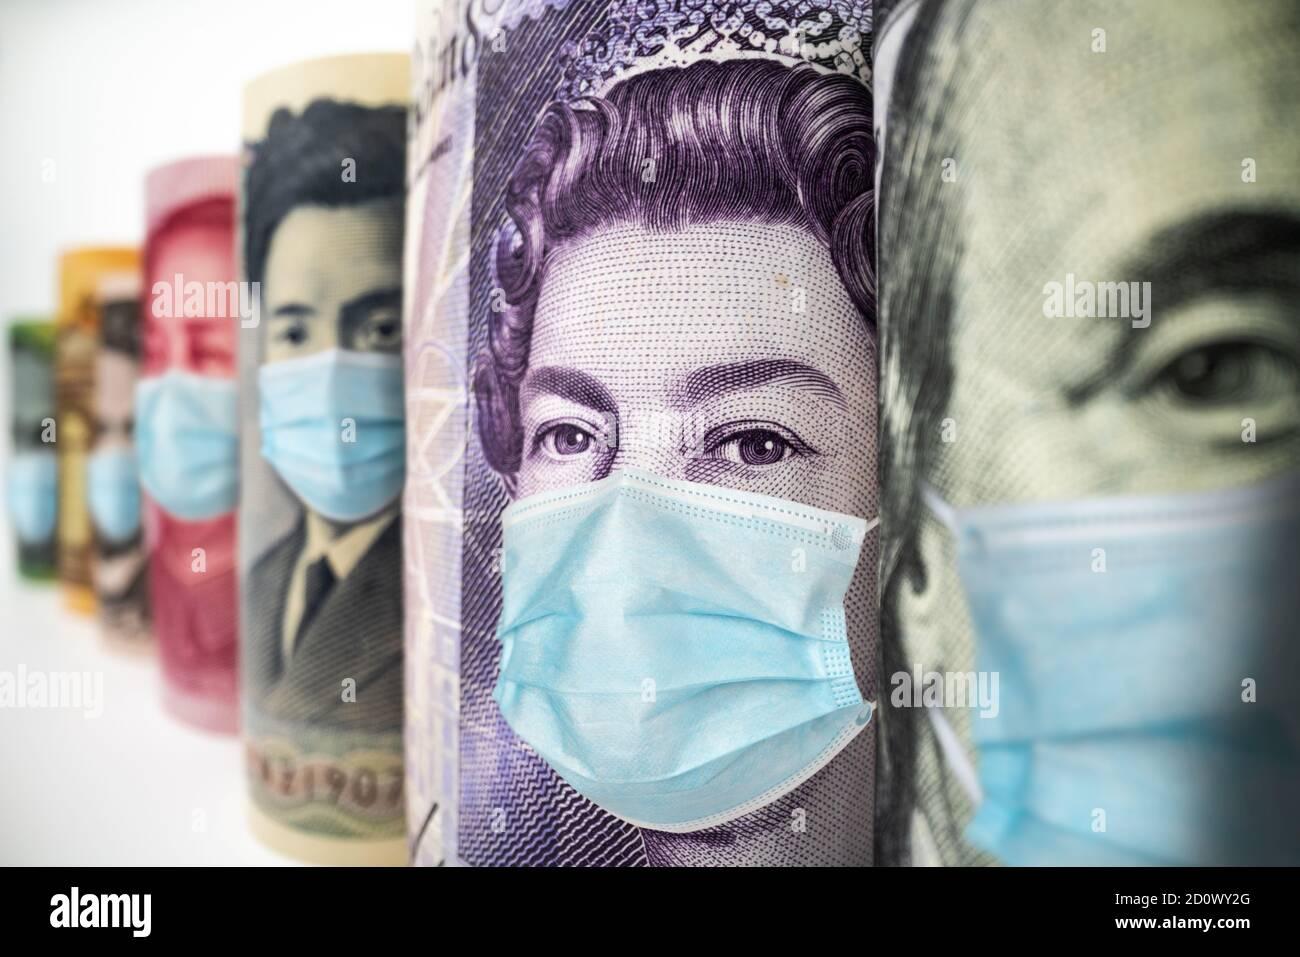 El dinero en moneda internacional incluye el dólar estadounidense, Euro Currency, British UK Pound, Australian Dollar, China Yuan y Japan Yen máscara facial Foto de stock